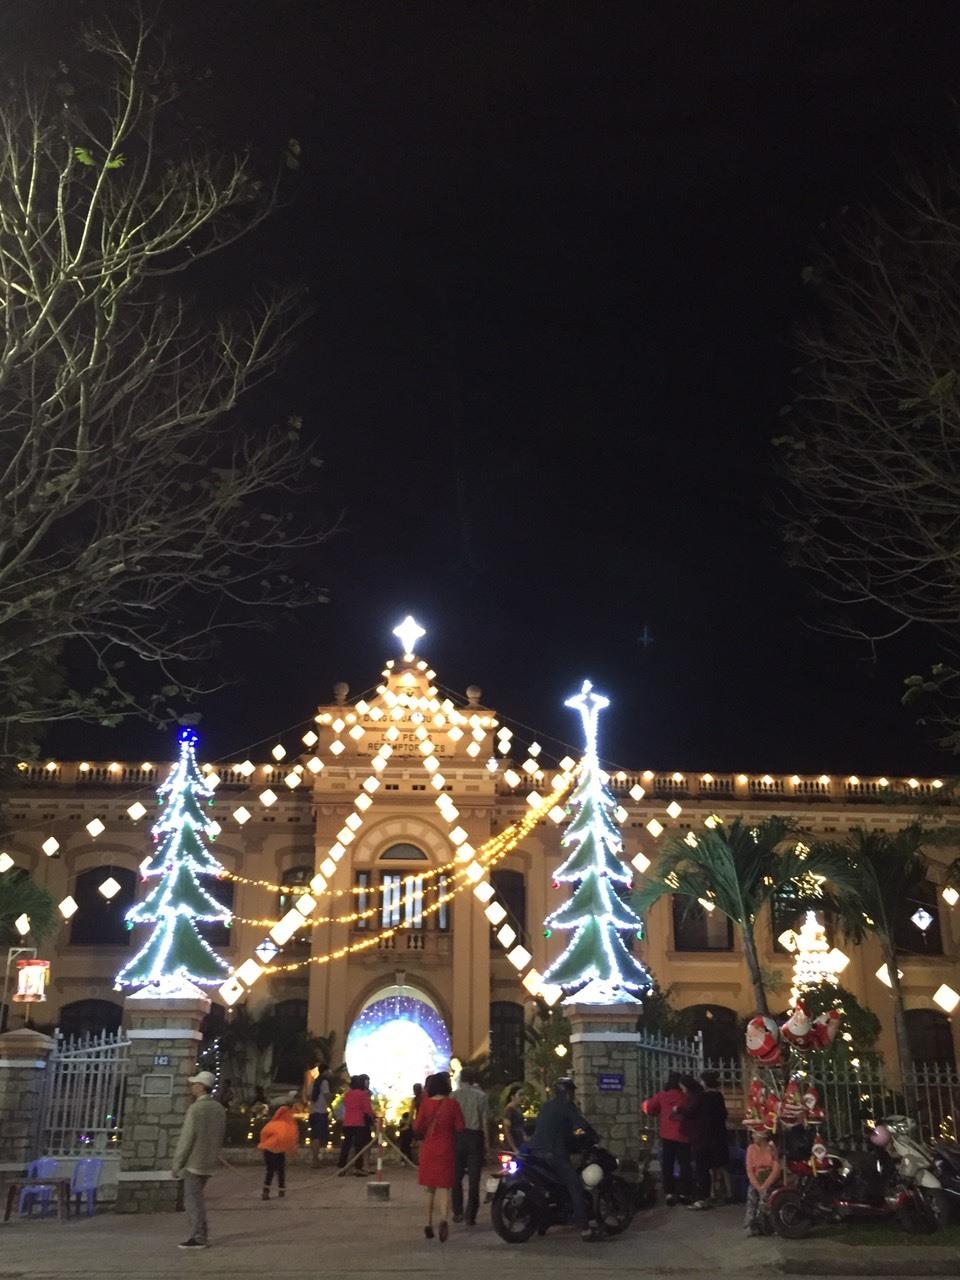 Nhiều khu vực trong khuôn viên nhà thờ đều được trang hoàng đèn hoa lộng lẫy.